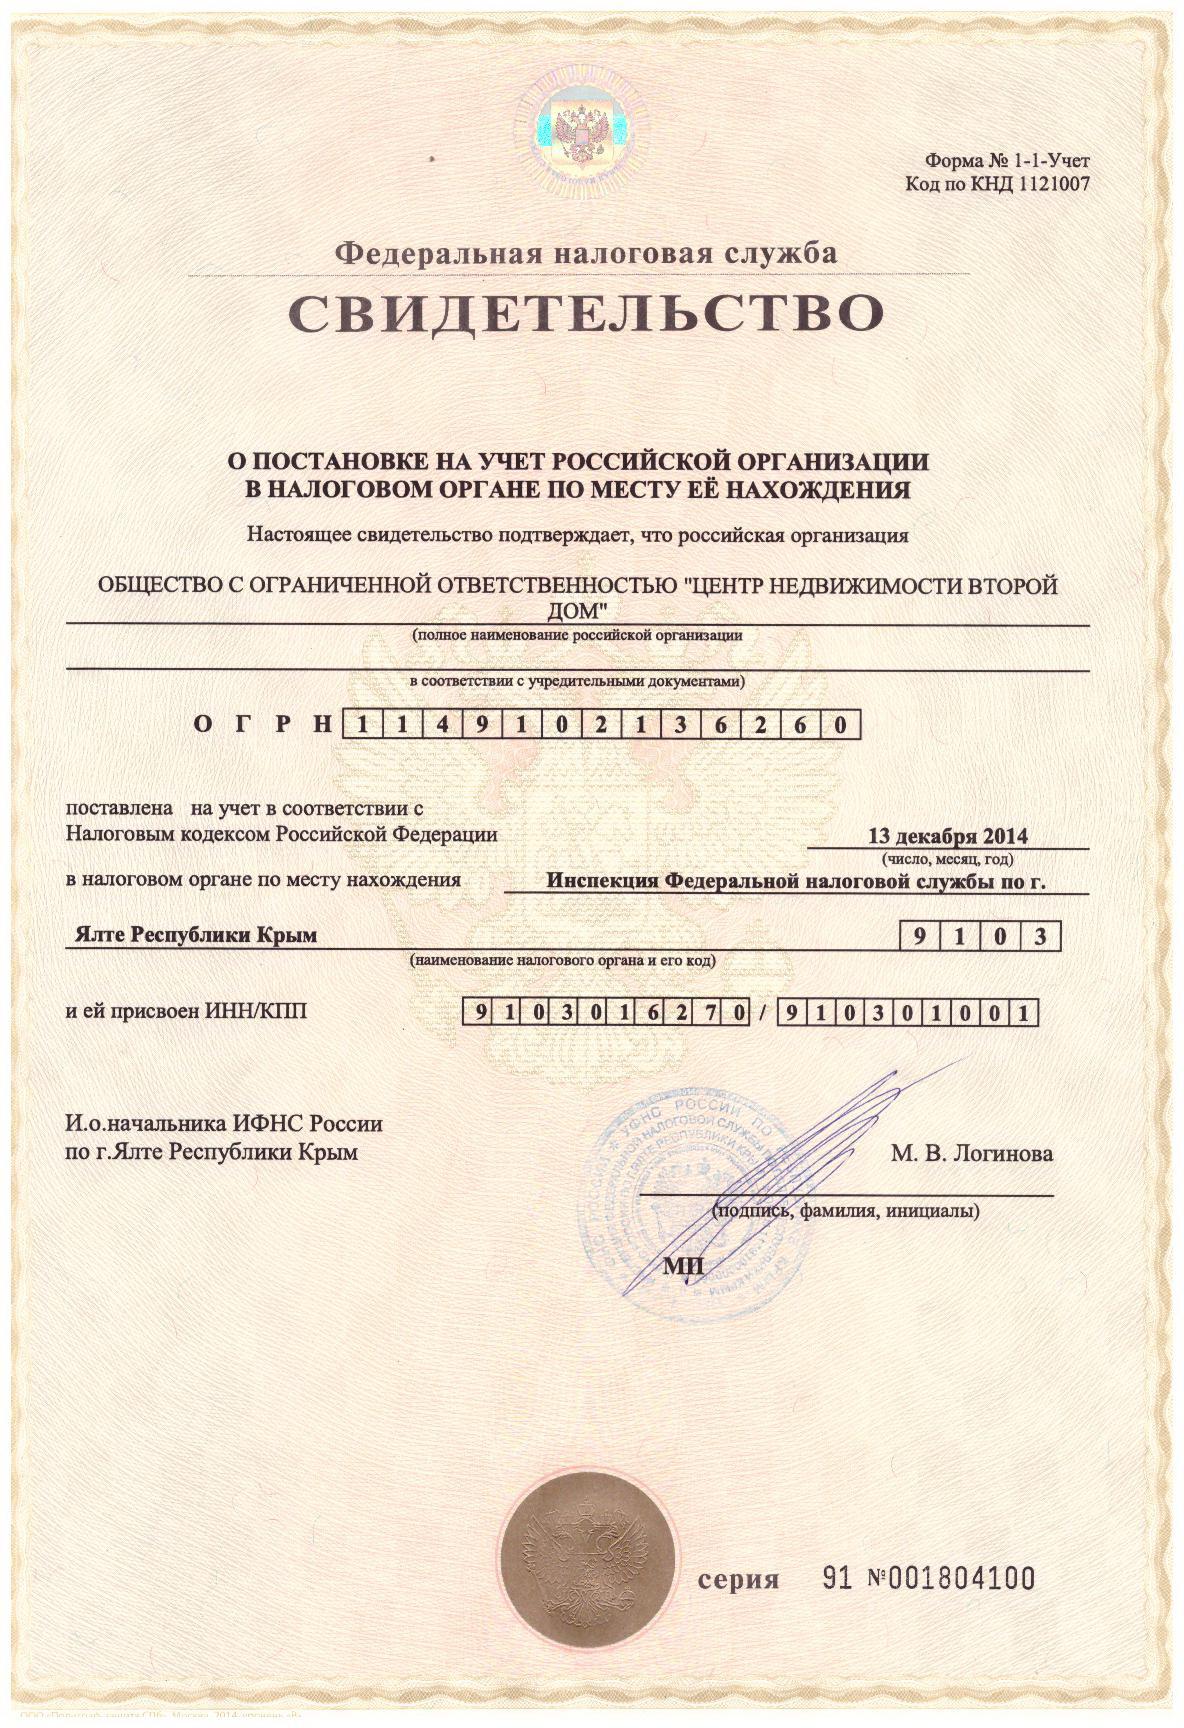 свидетельство о постановке на учет рос.организации в налоговом органе